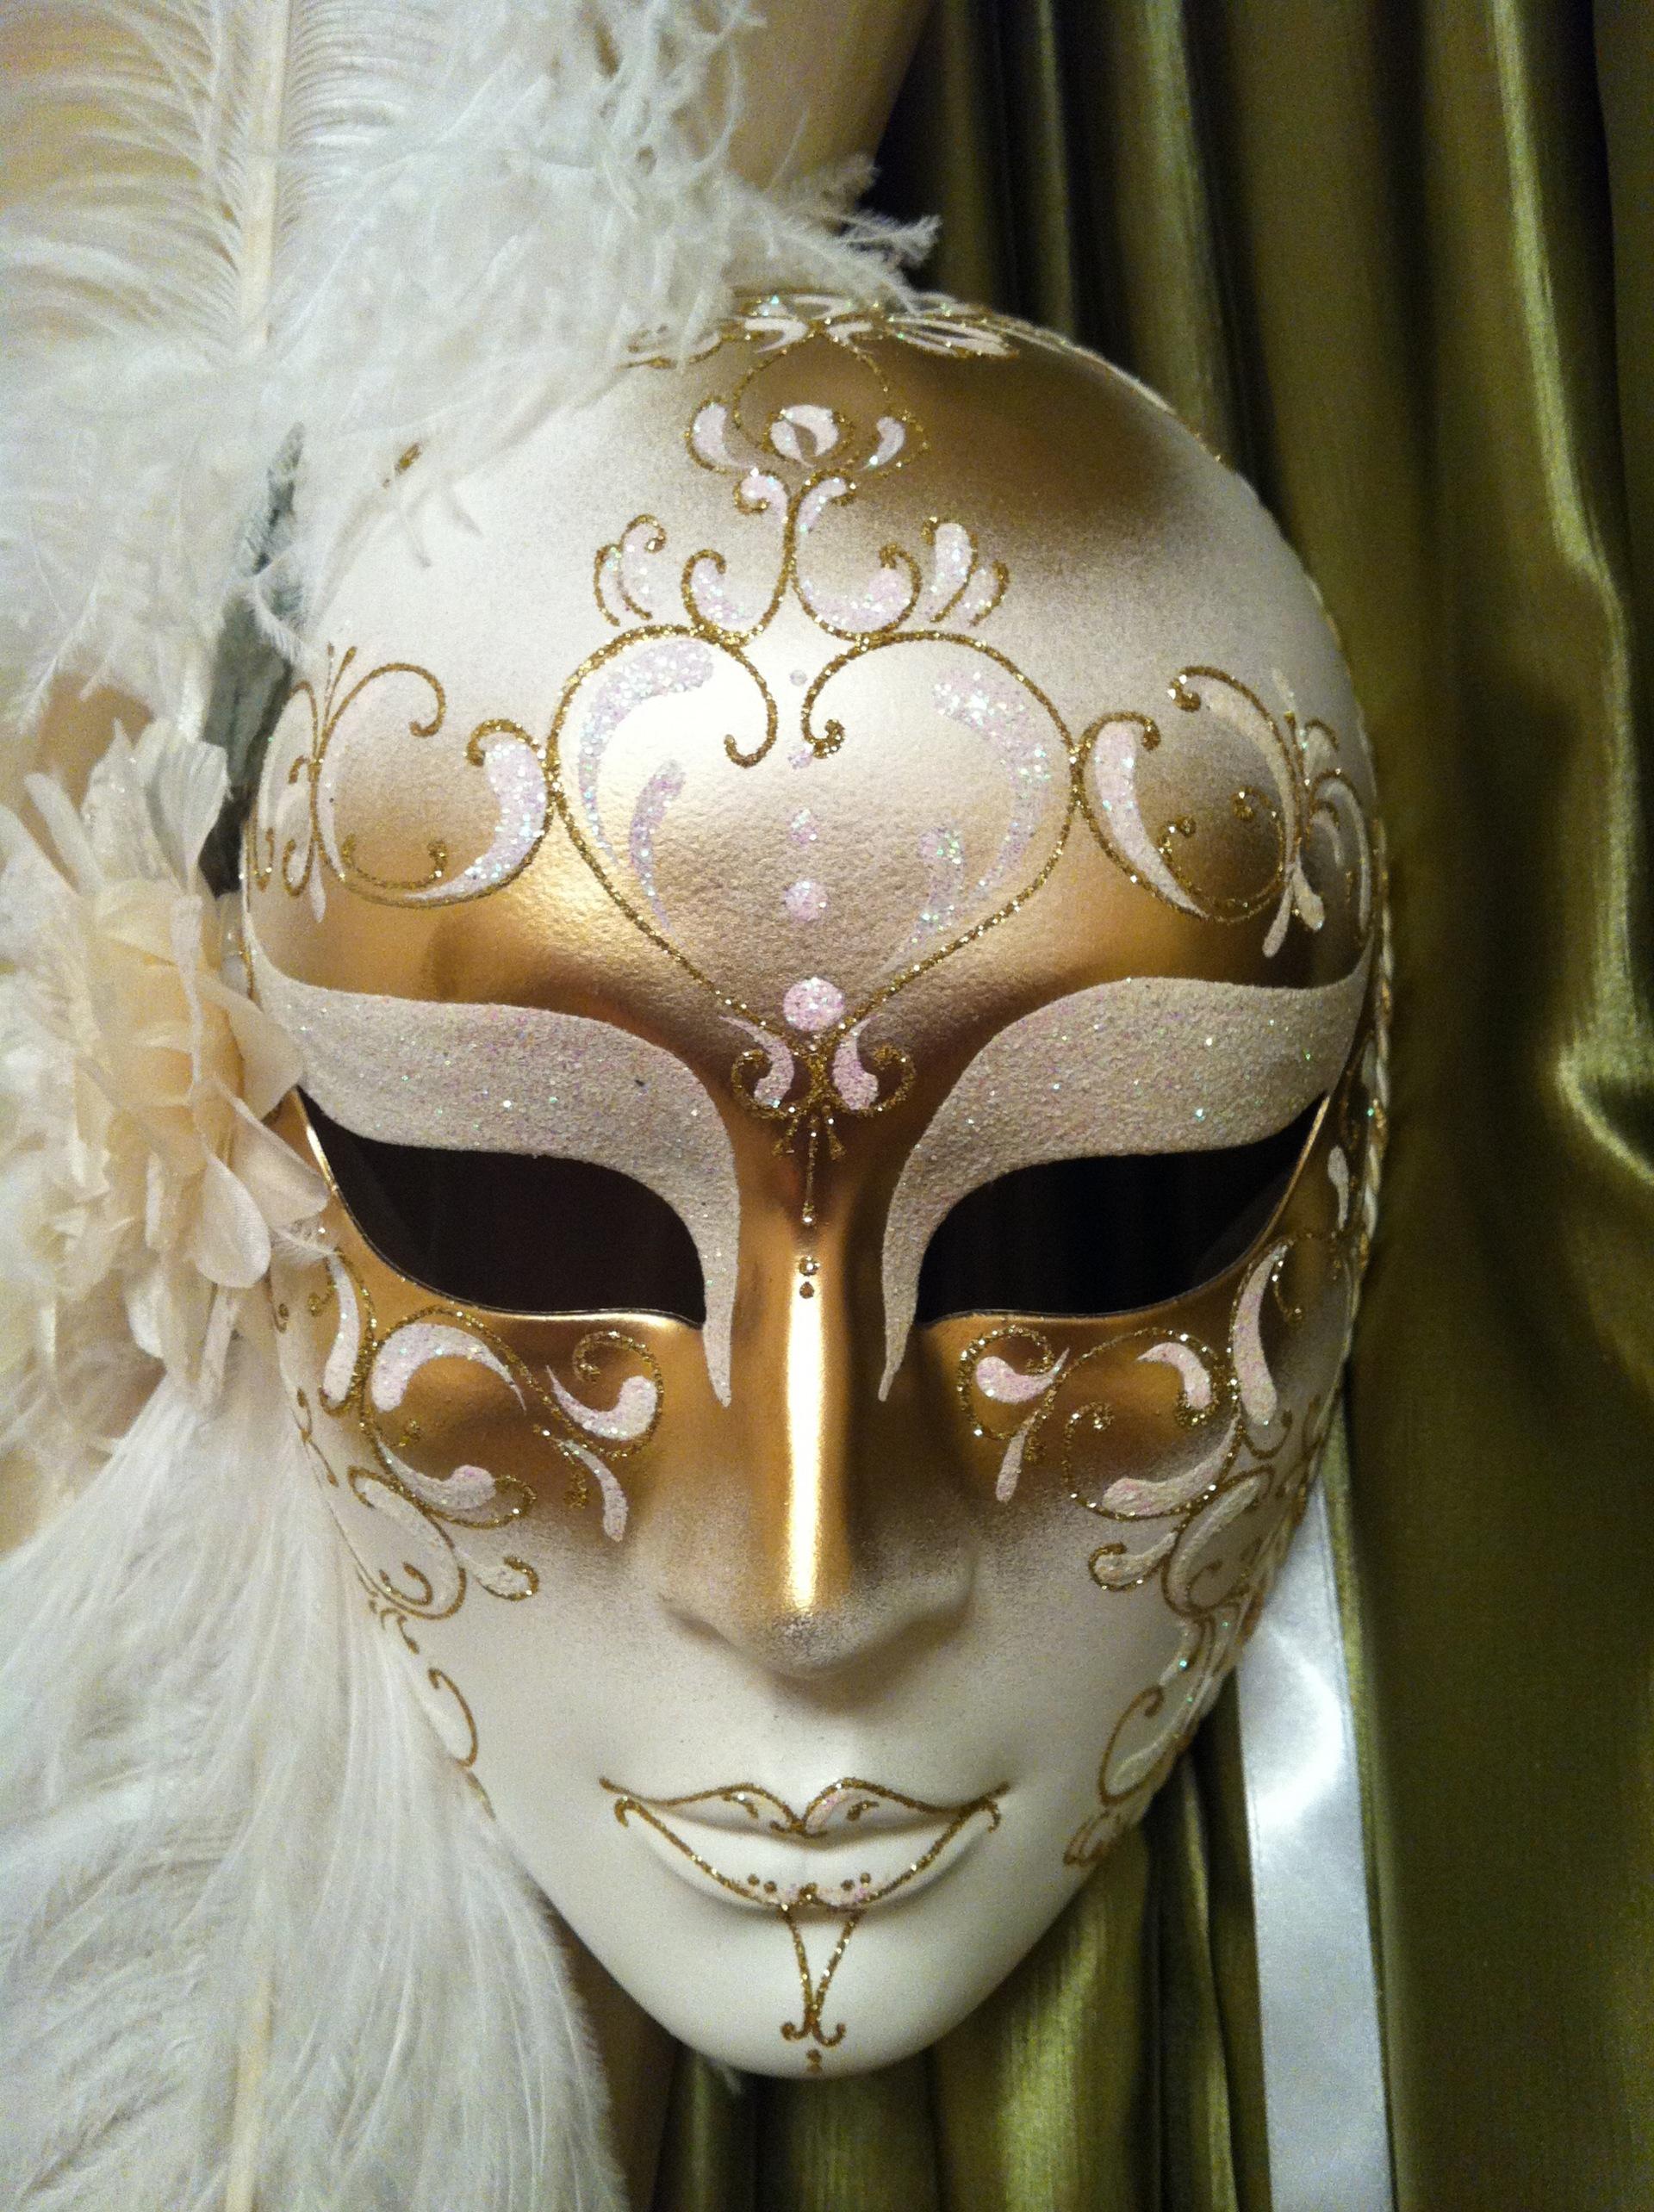 украшения прокола фото сами венецианскую маску словам, после переезда